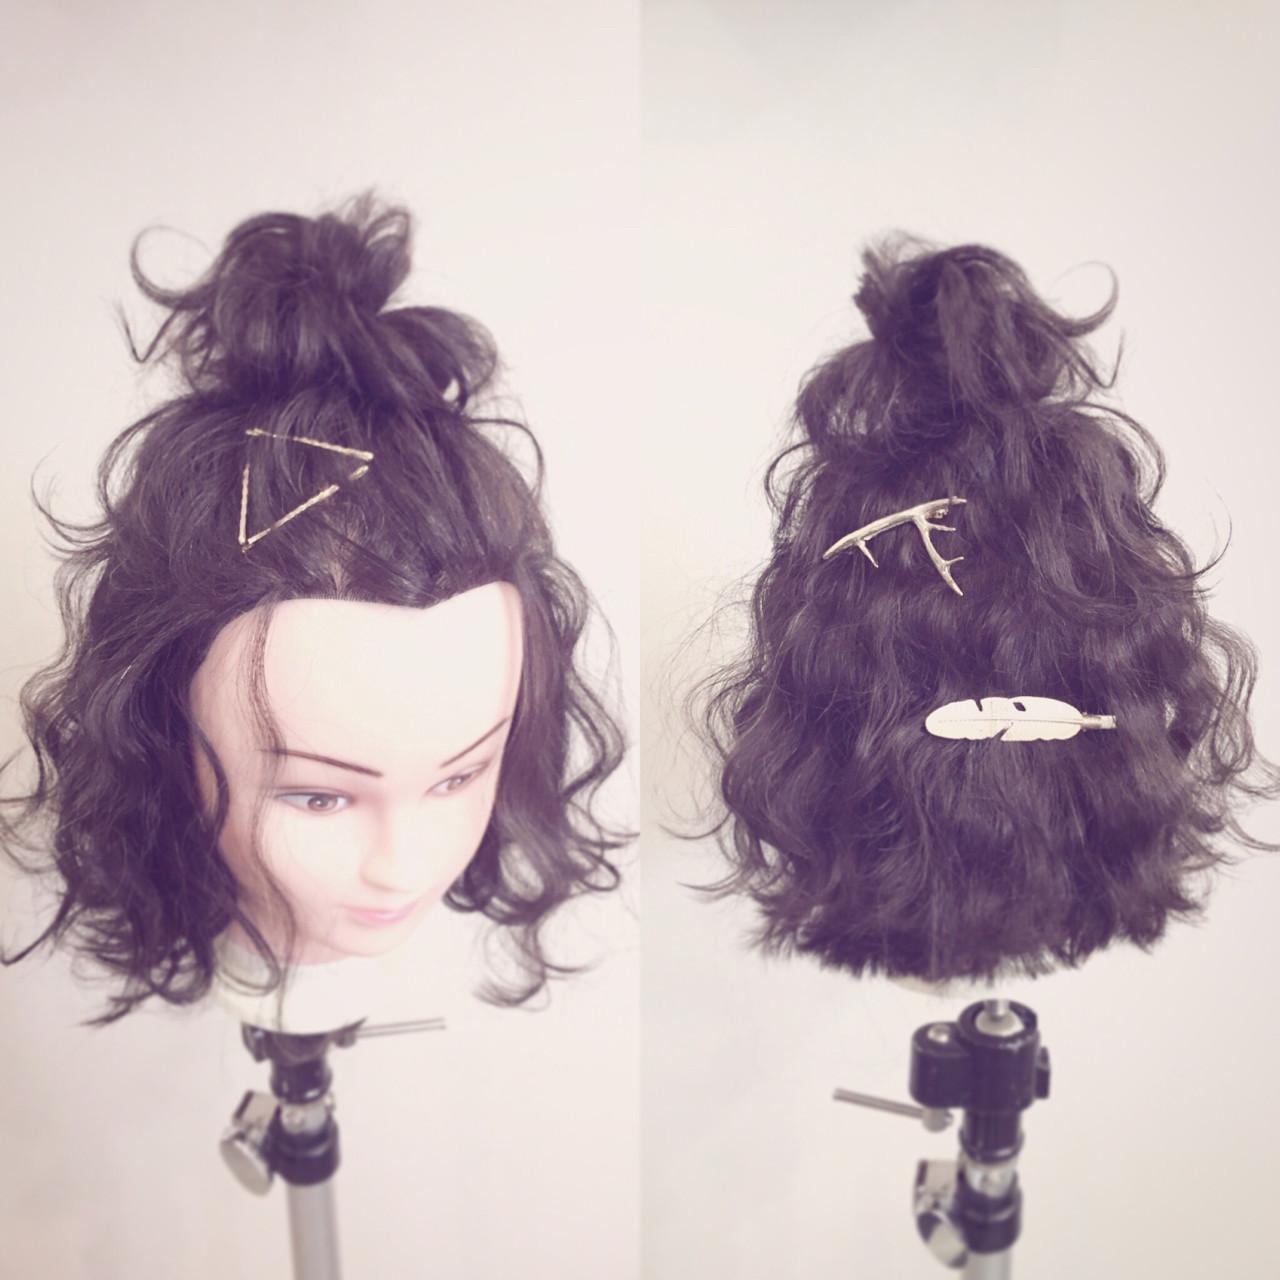 伸ばしかけの前髪アップ!前髪なしのすっきりヘア 平岡 歩